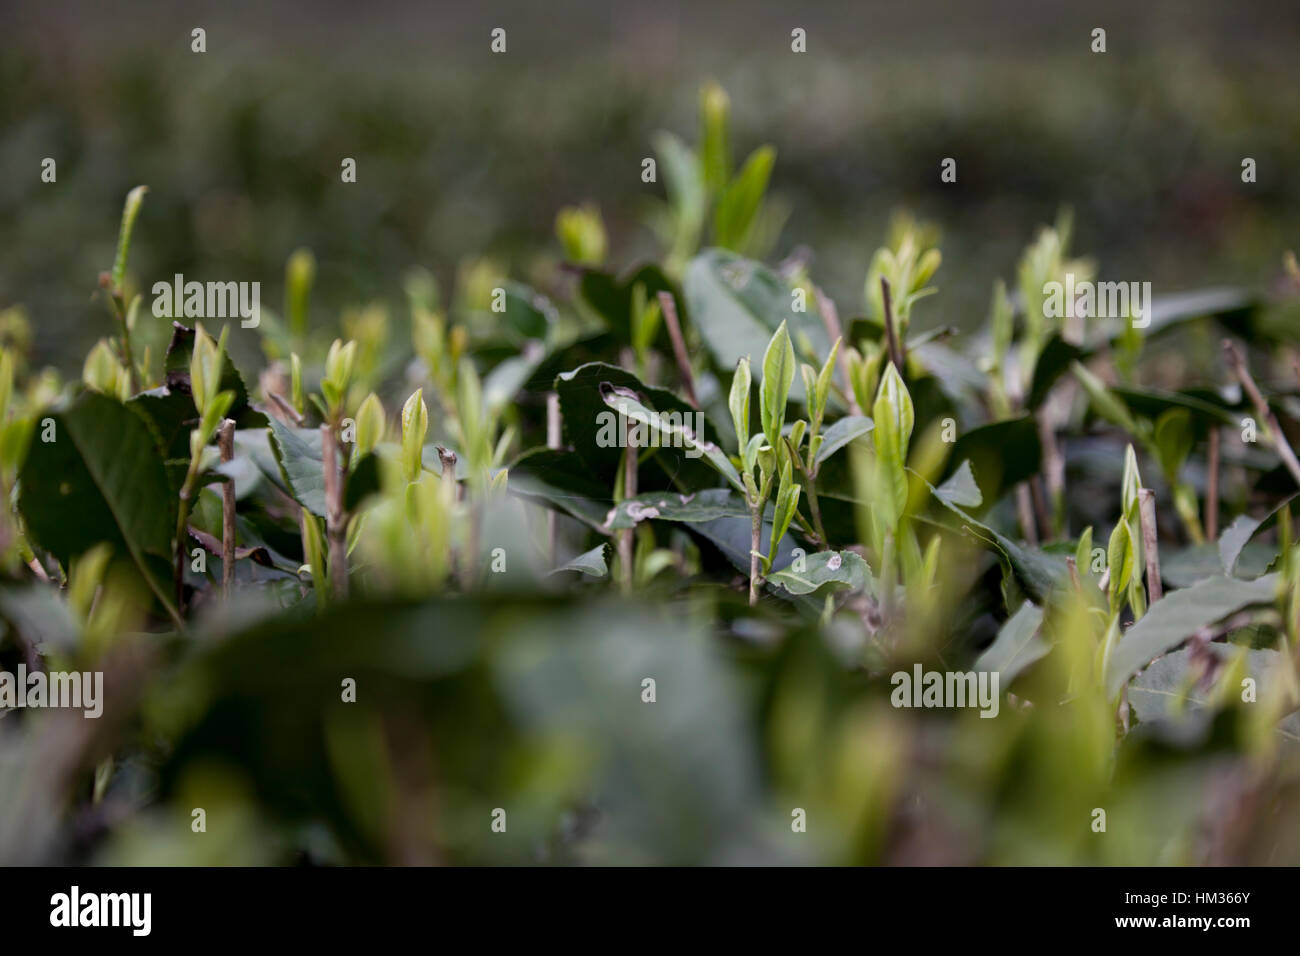 Los primeros brotes tiernos de té surgen a principios de la primavera de plantas de té en una plantación Imagen De Stock